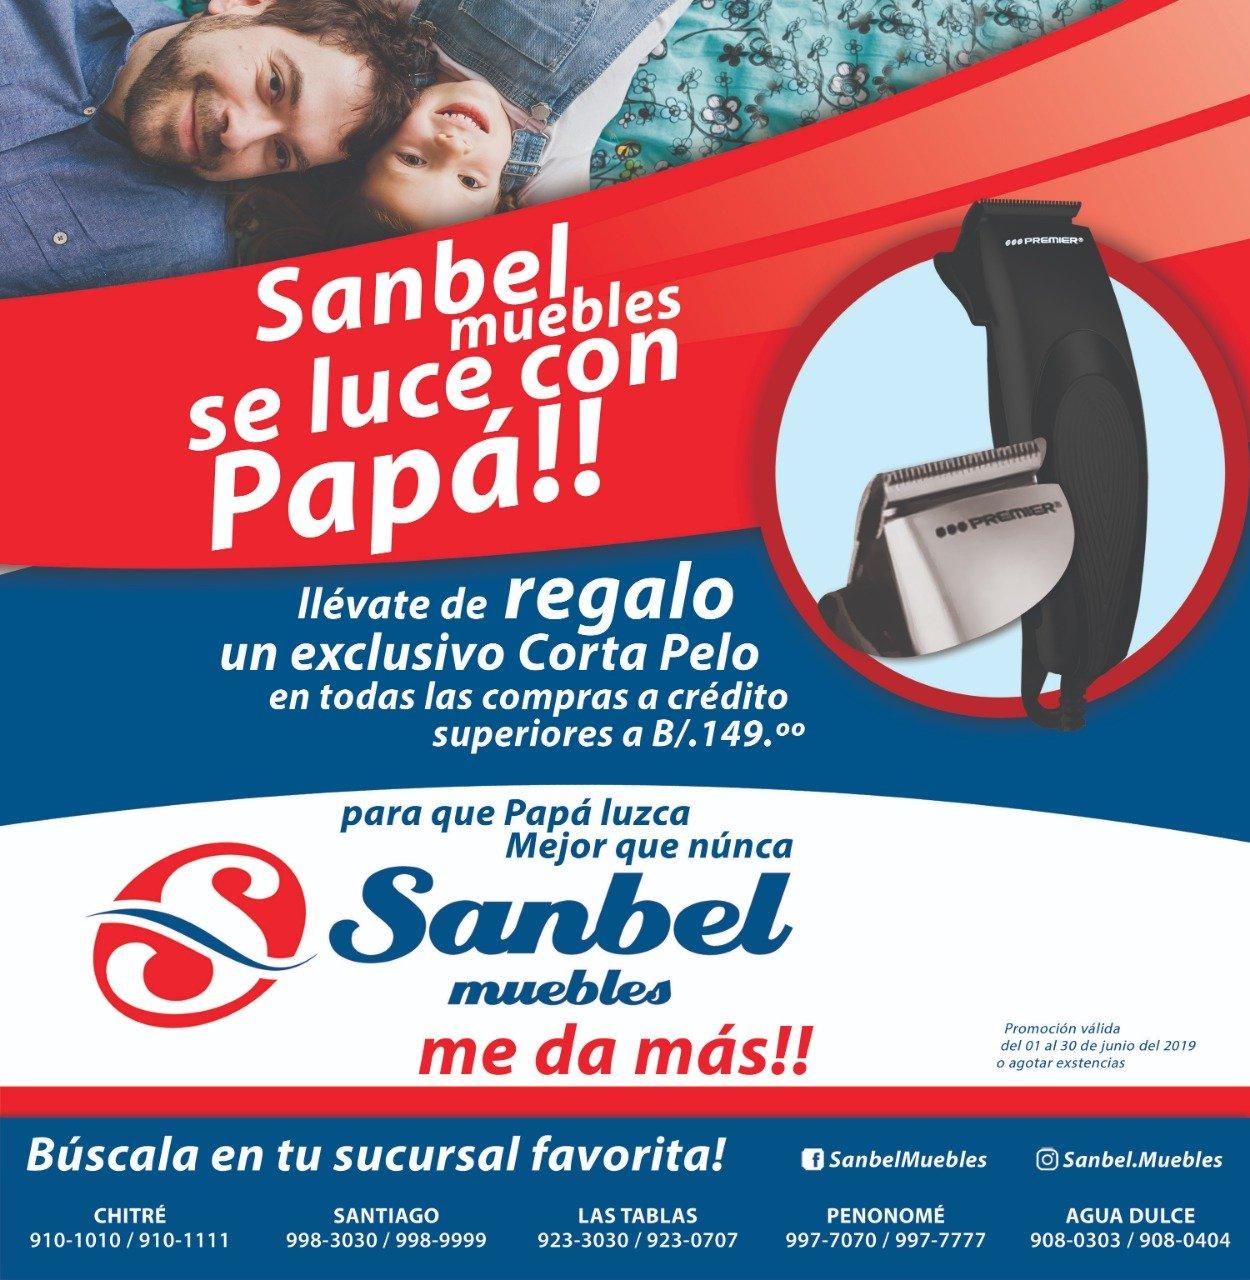 SANBEL MUEBLES SE LUCE CON PAPA